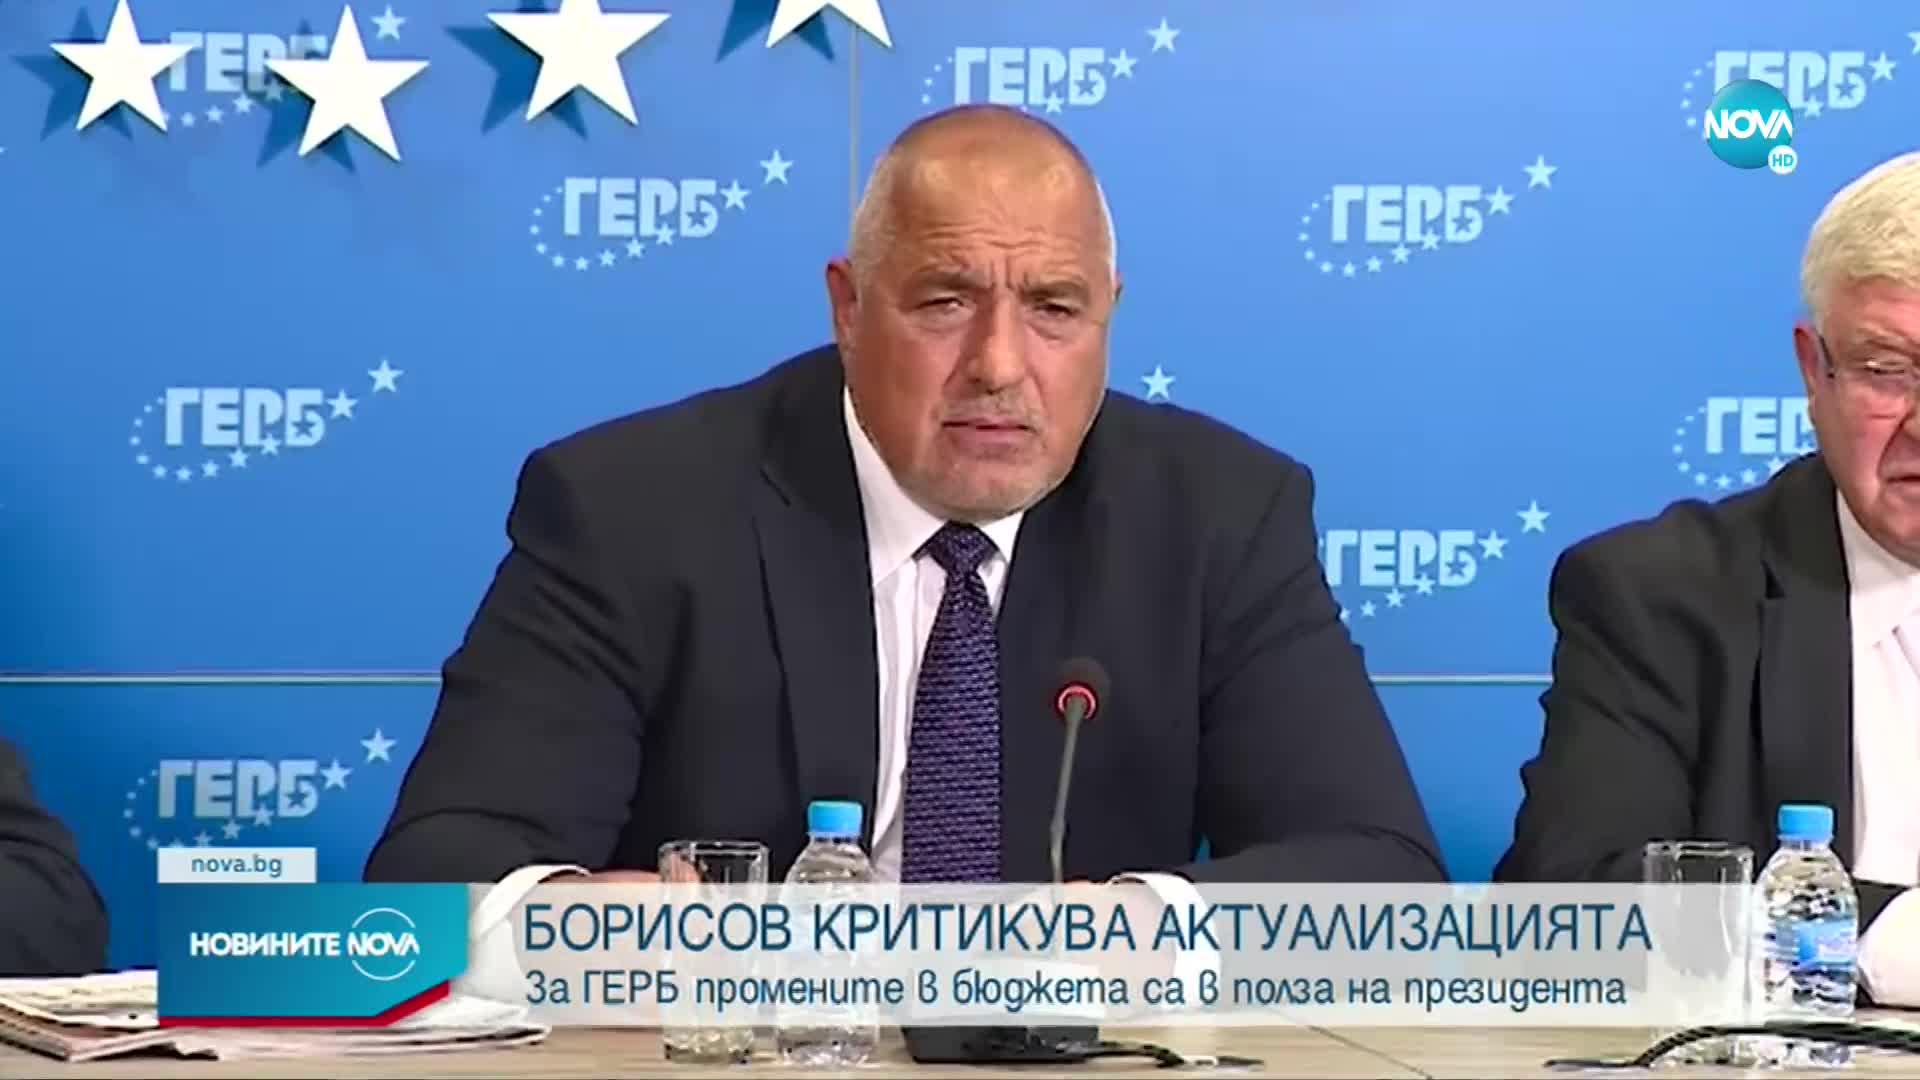 Борисов критикува обсъжданата актуализация на бюджета